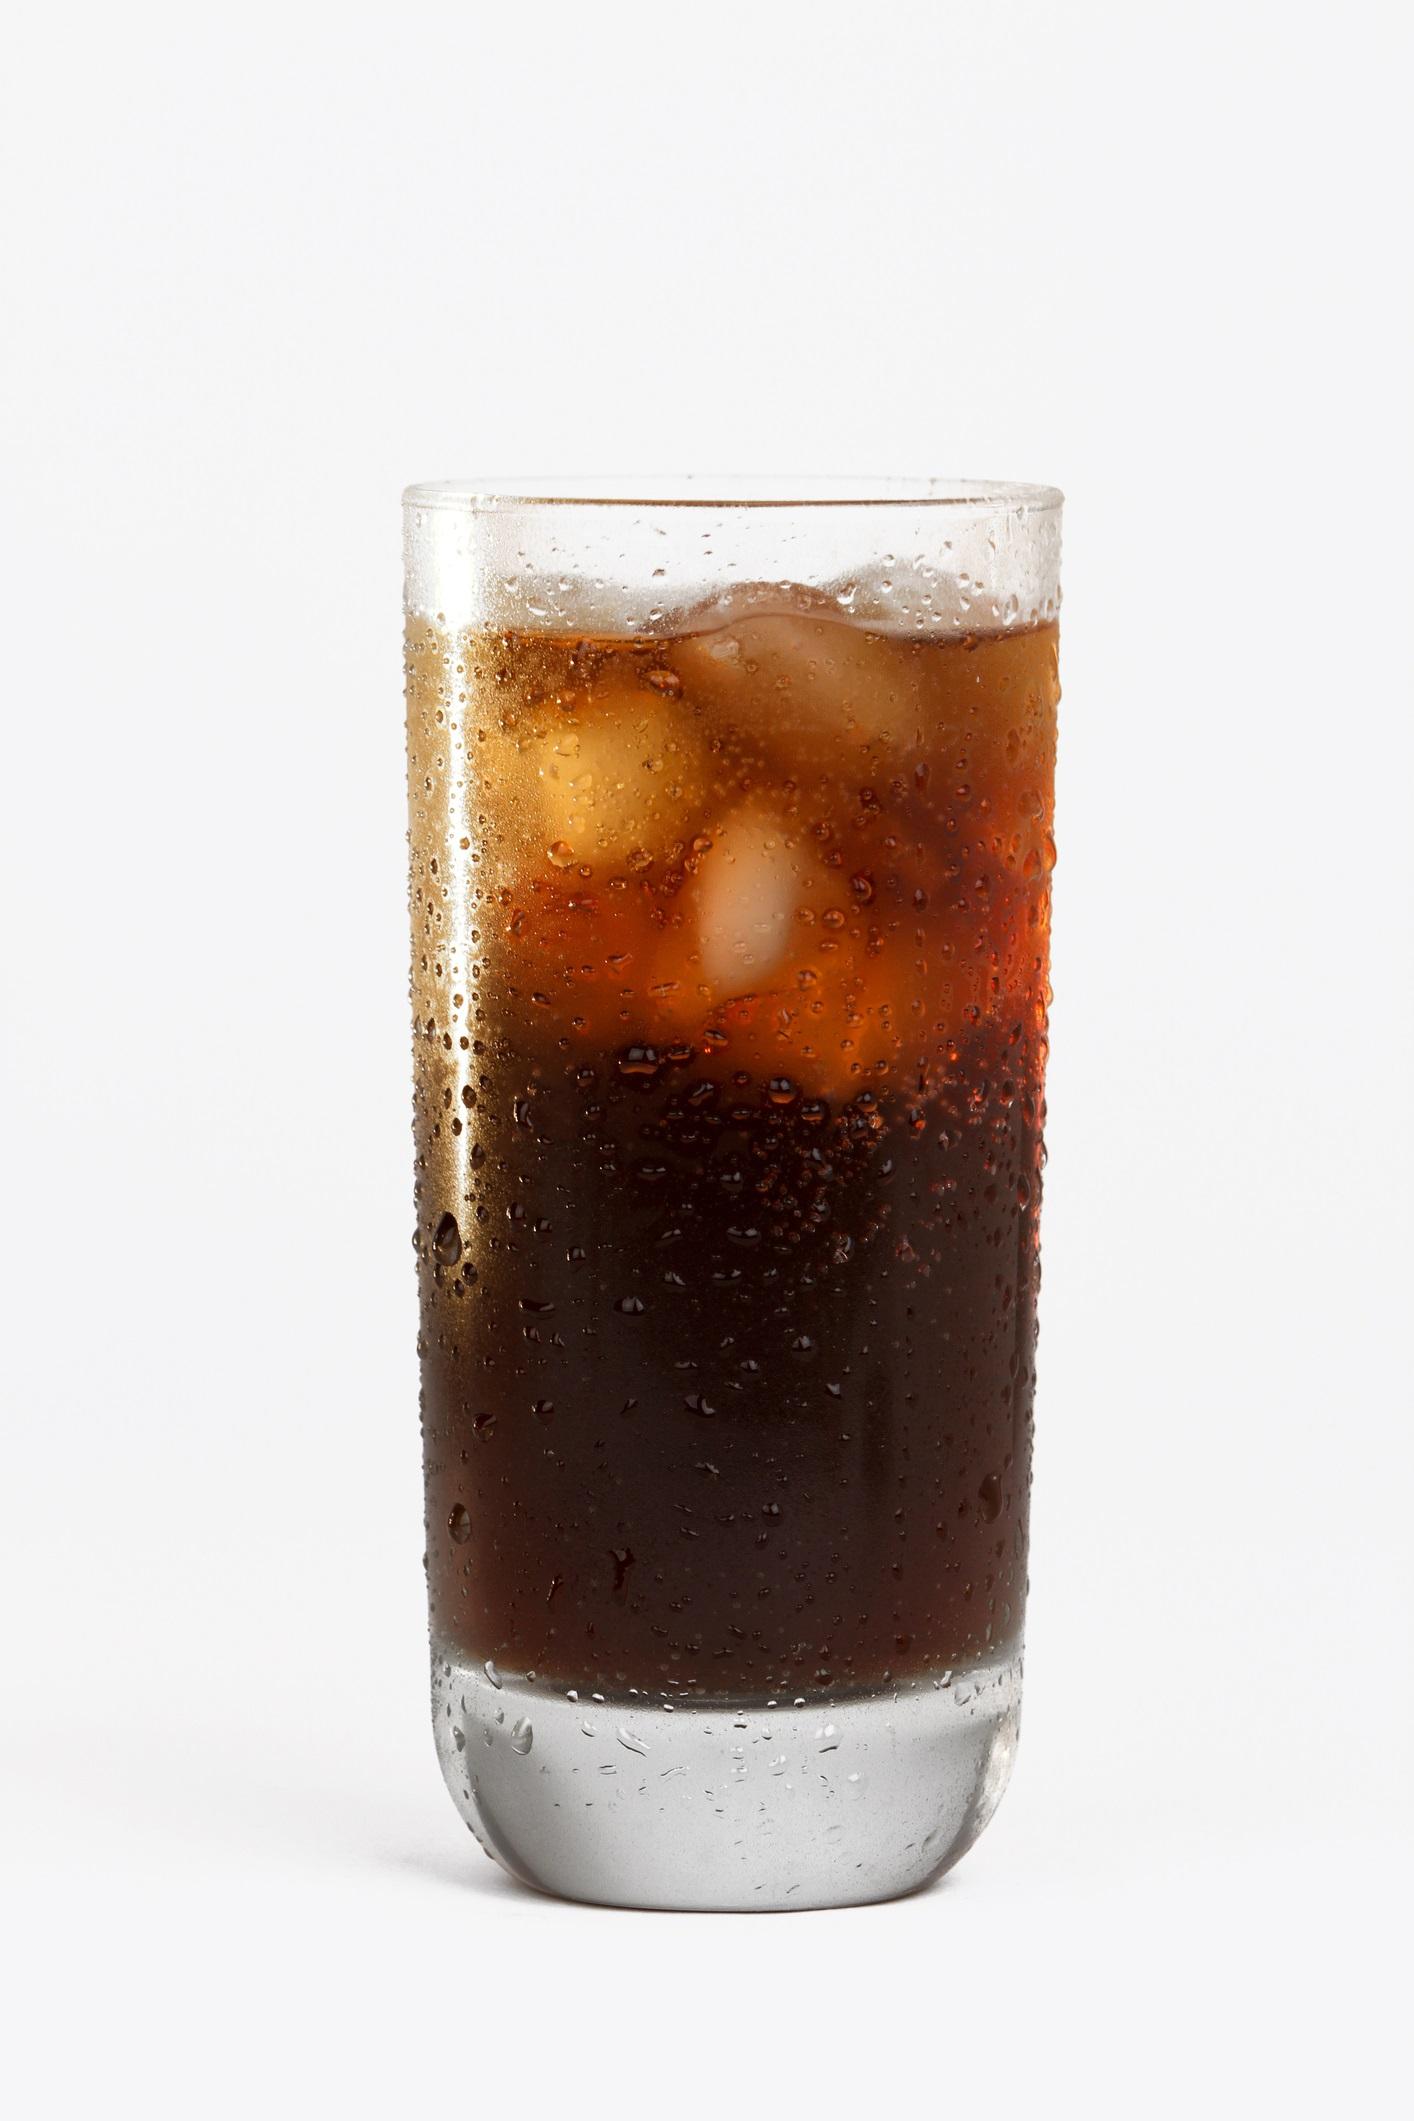 <p><strong>Диетична сода</strong></p>  <p>Мислите че диетичната напитка е начин да намалите калориите и да провокирате загубата на тегло? Помислете отново. Този тип напитки наистина са лишени от захар и калории, но те са пълни с химикали и страшни добавки. Зарежете содата, по-добре пийнете вода с пресен плод в нея.</p>